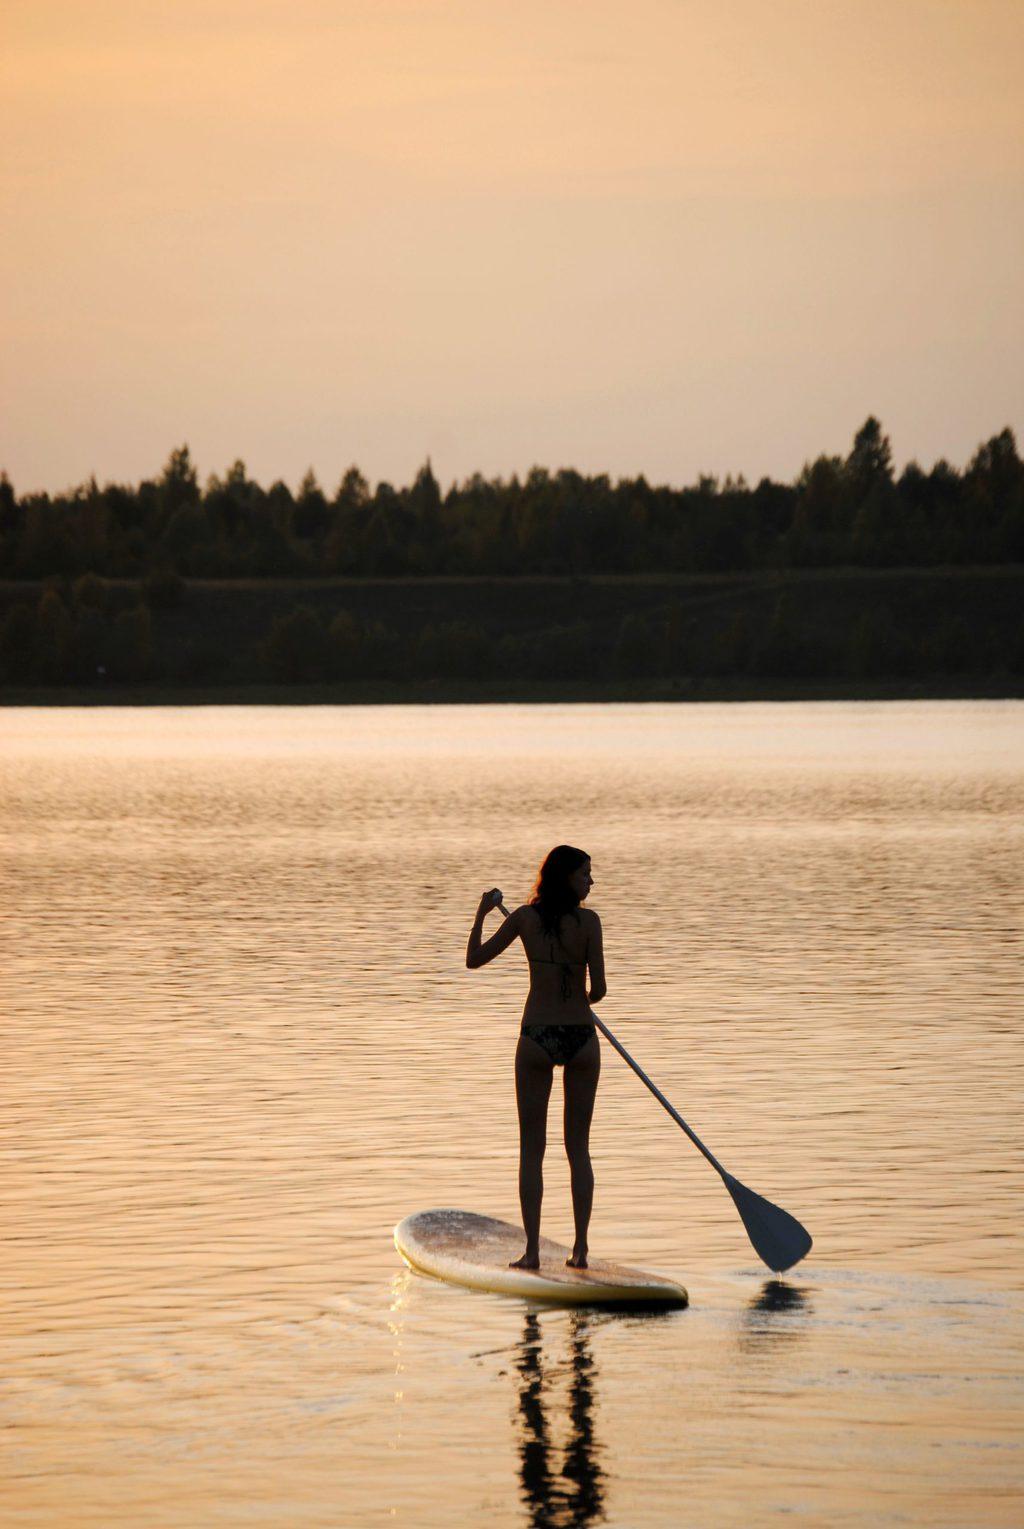 Een vrouw op een stand-up-paddle-board in de buurt van Leipzig